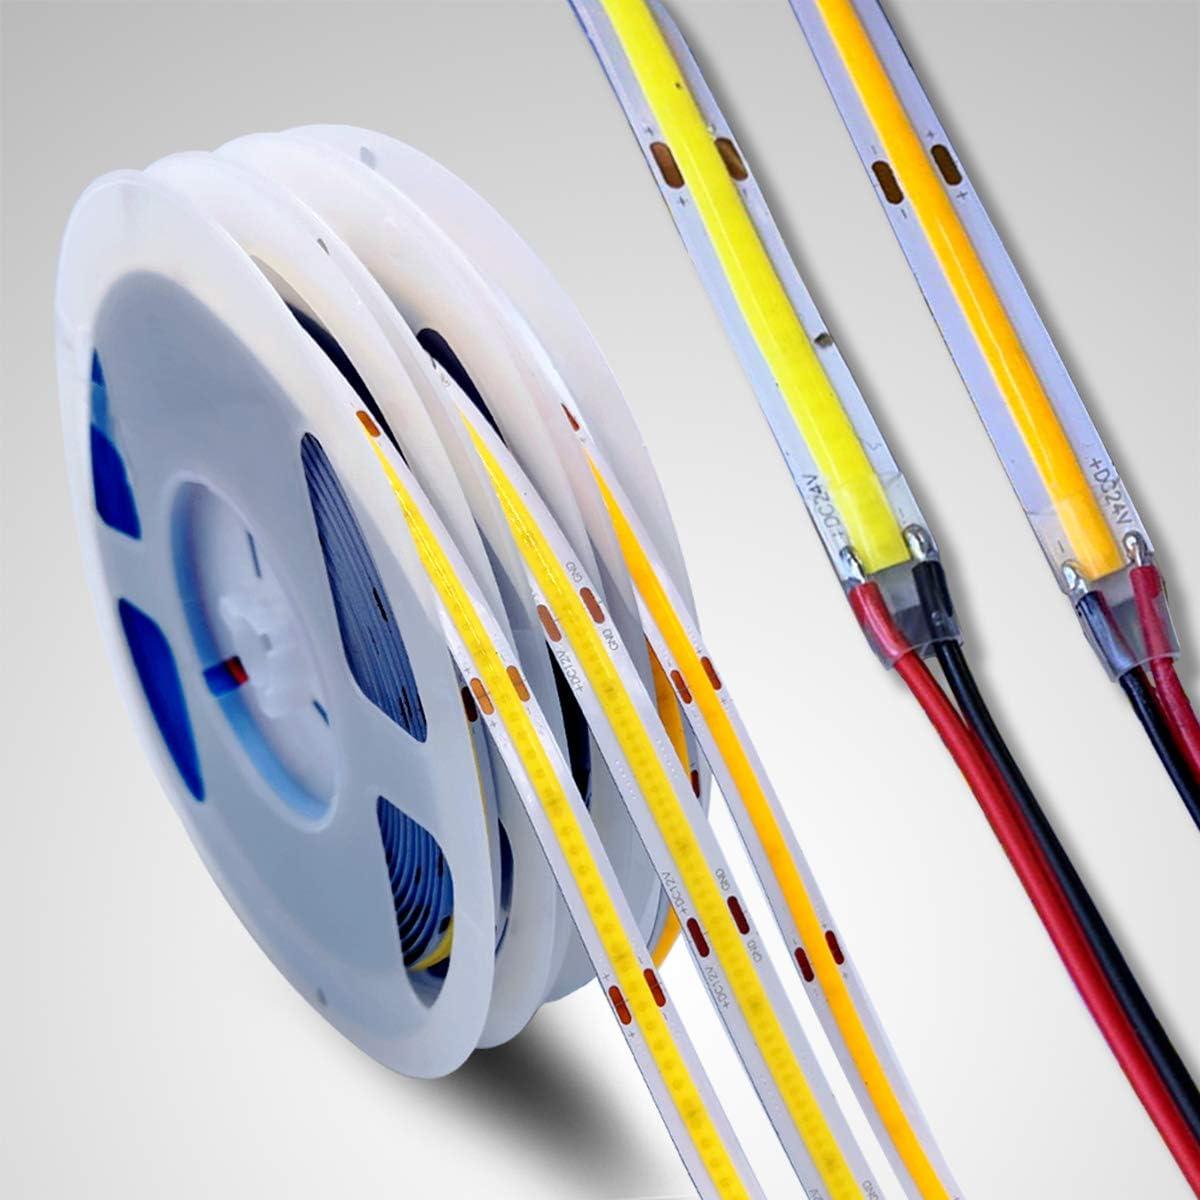 Tira de LED COB de 12V de 5m 384LEDs/M,3000K LED blanco frío cinta lineal de alta densidad FOB flexible tira de luces LED para fiestas, mostrador, estante, decoración del hogar